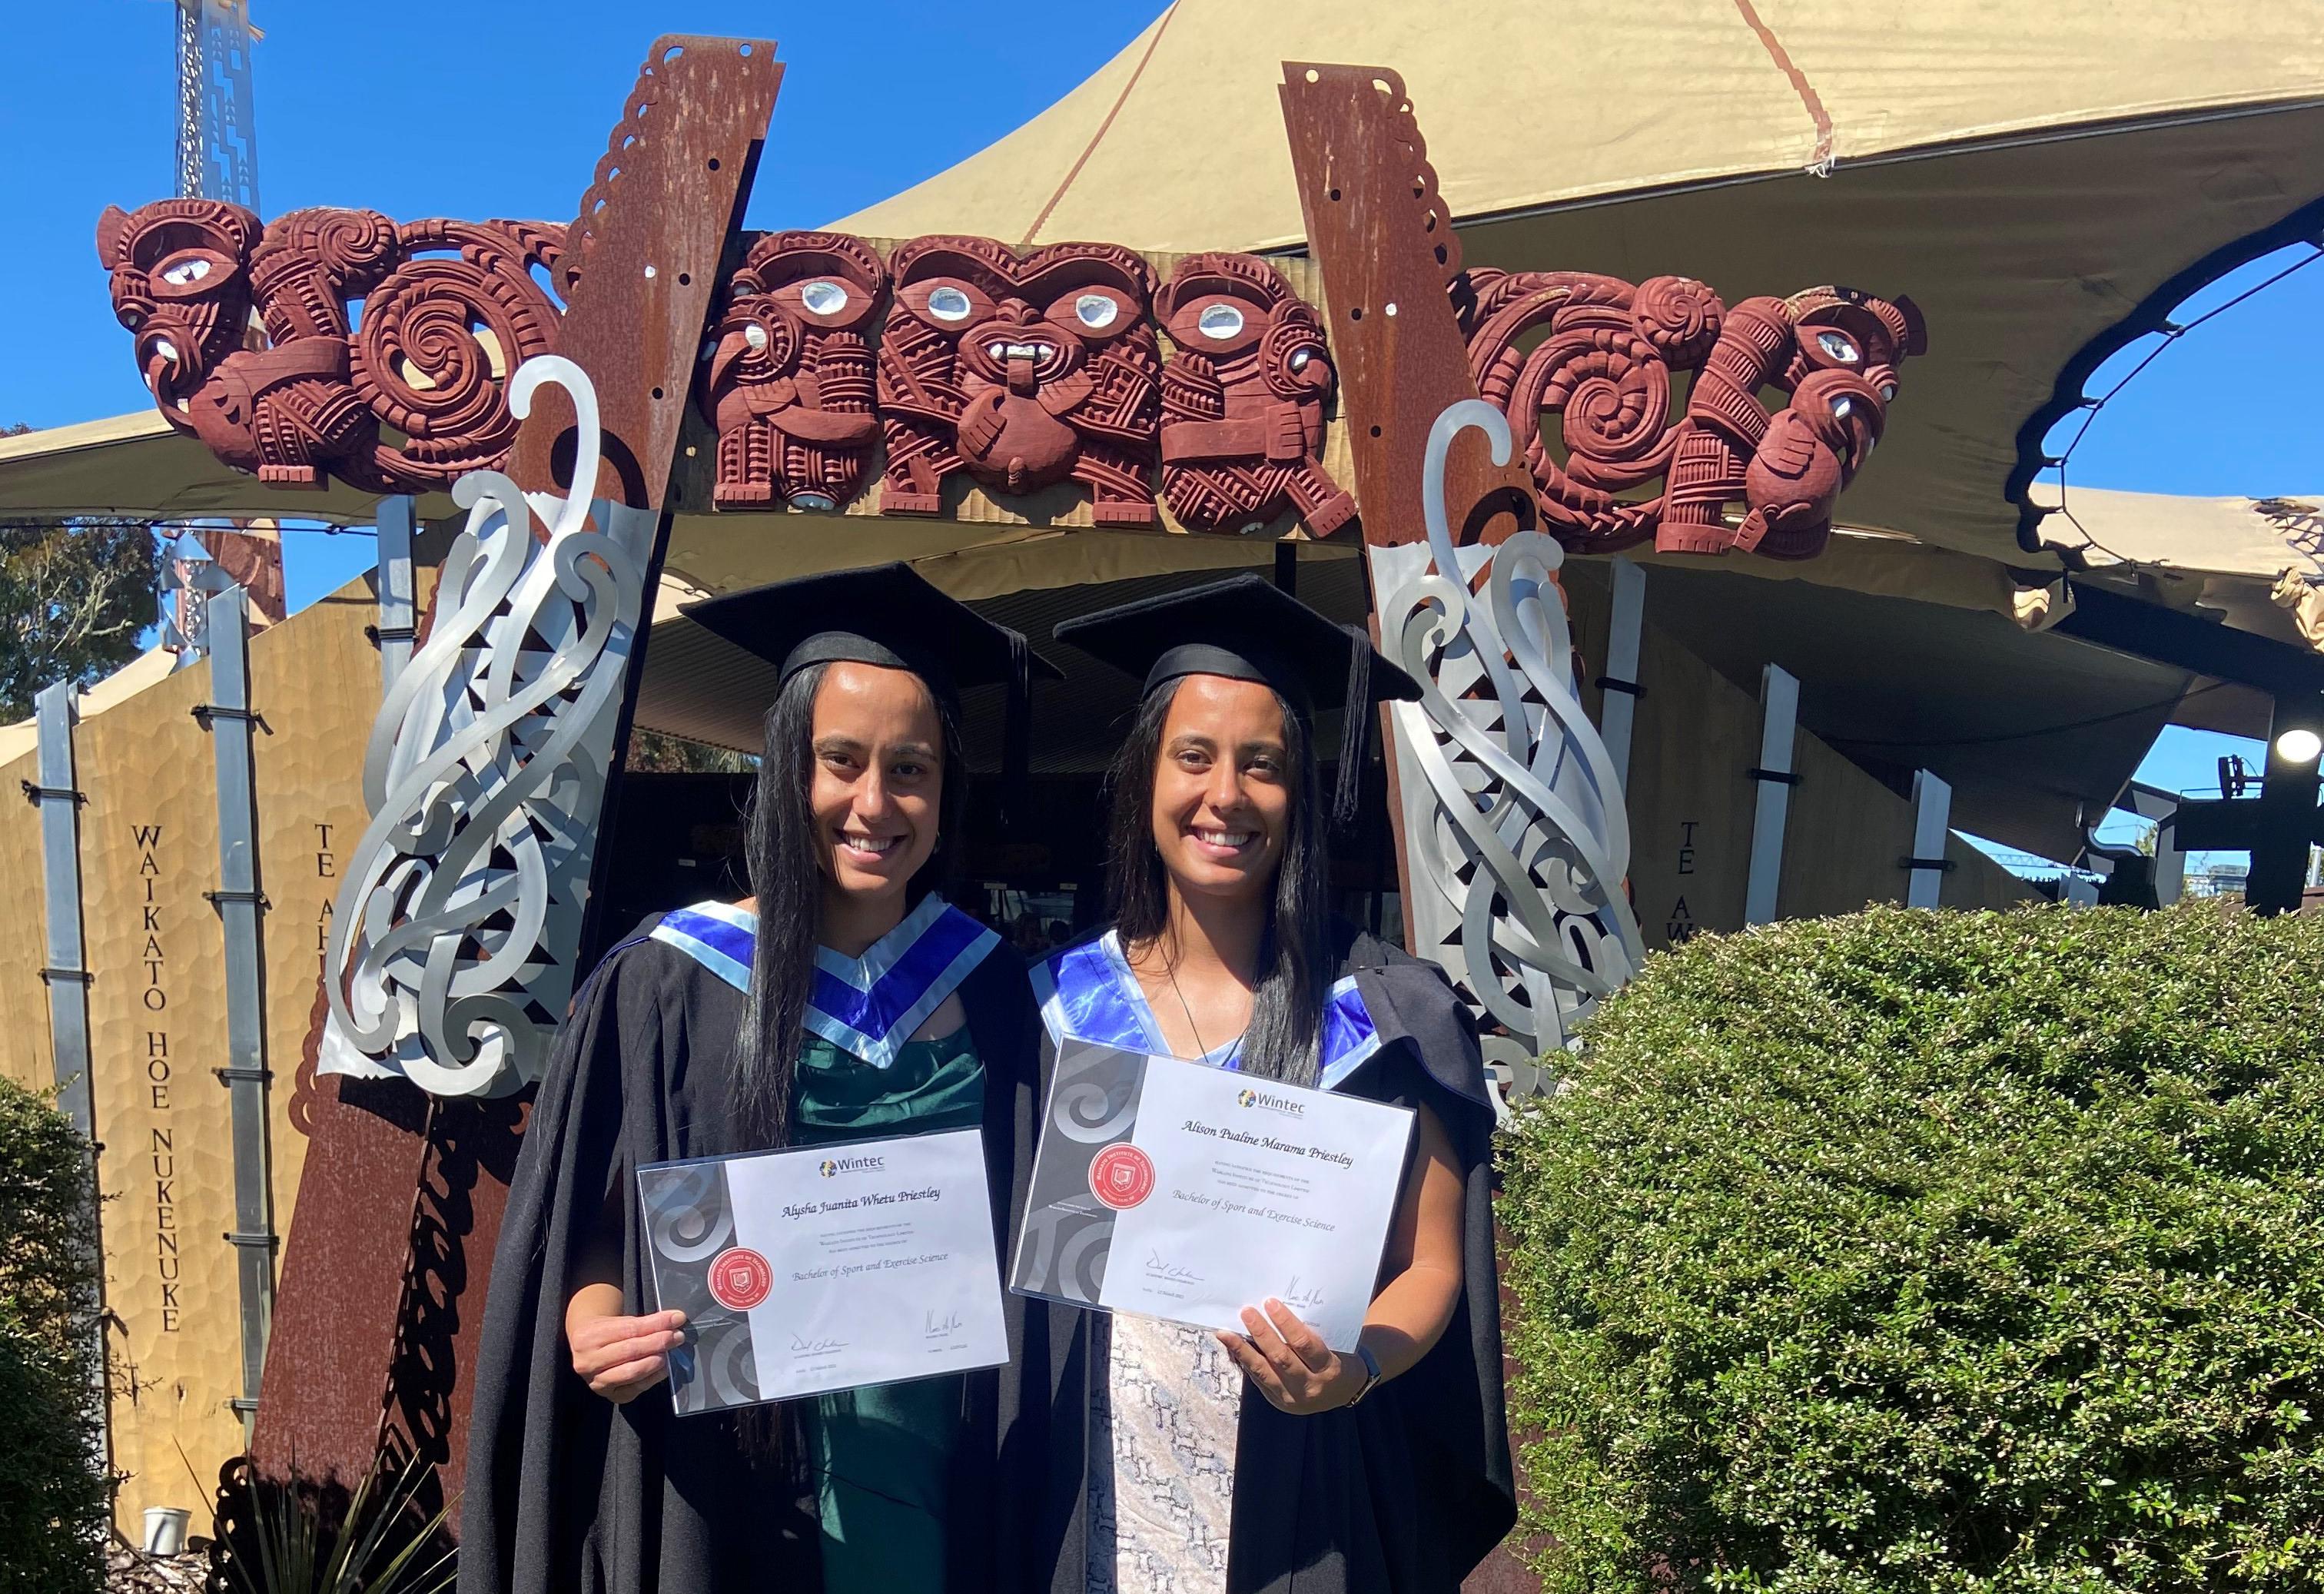 Alison and Alysha Priestley graduate at Te Kōpū Mānia o Kirikiriroa Marae